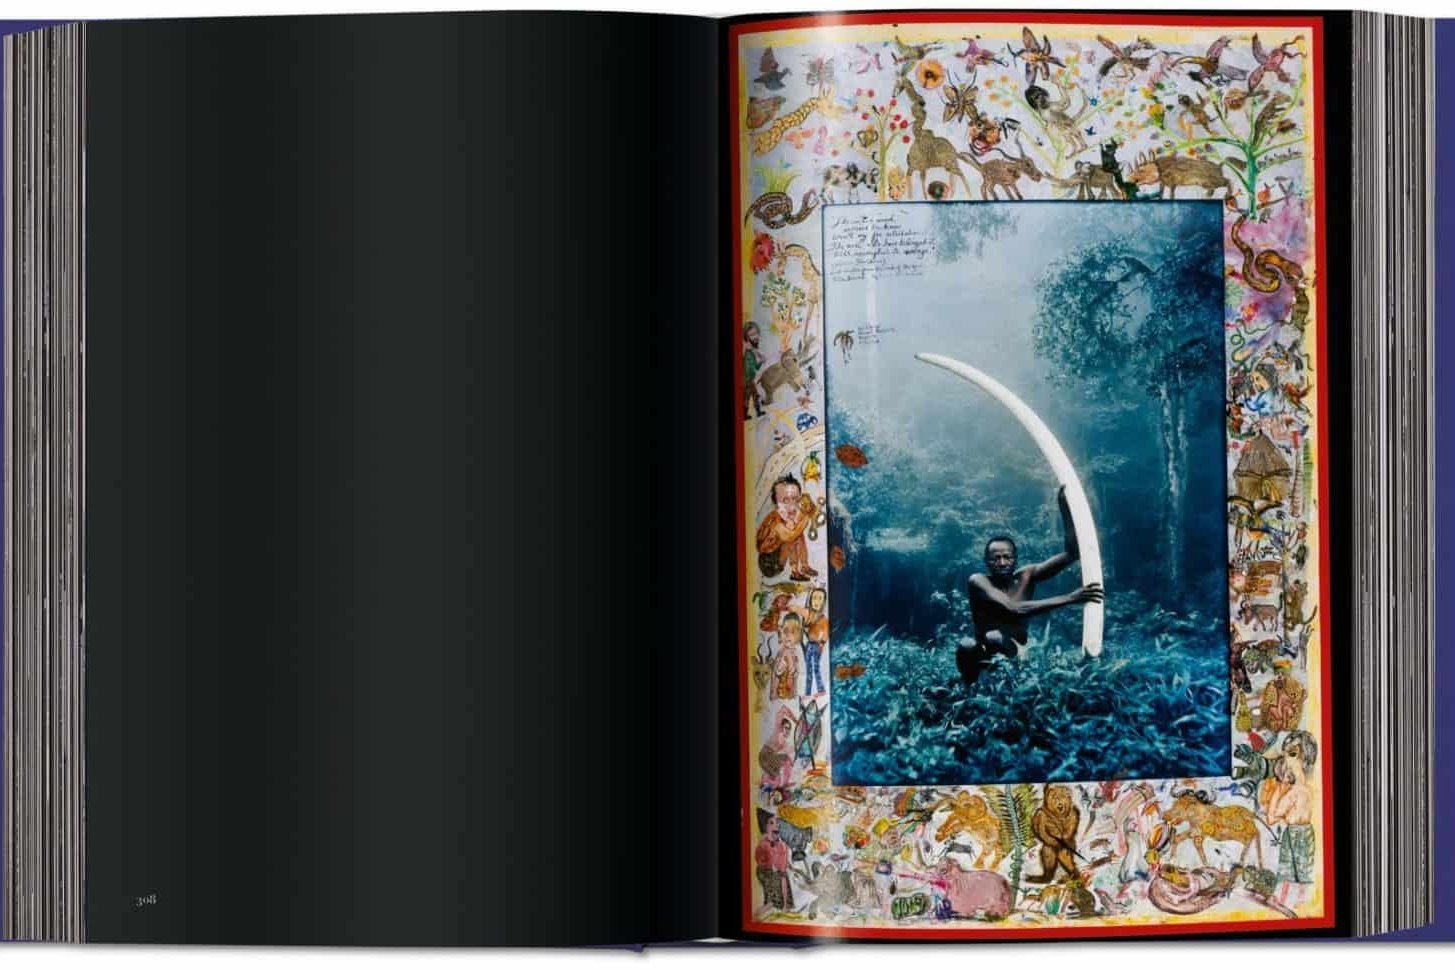 Peter_Beard_Taschen_Binh_Dang_photo_book_vietnam_hanoi_photographer_photography_art19